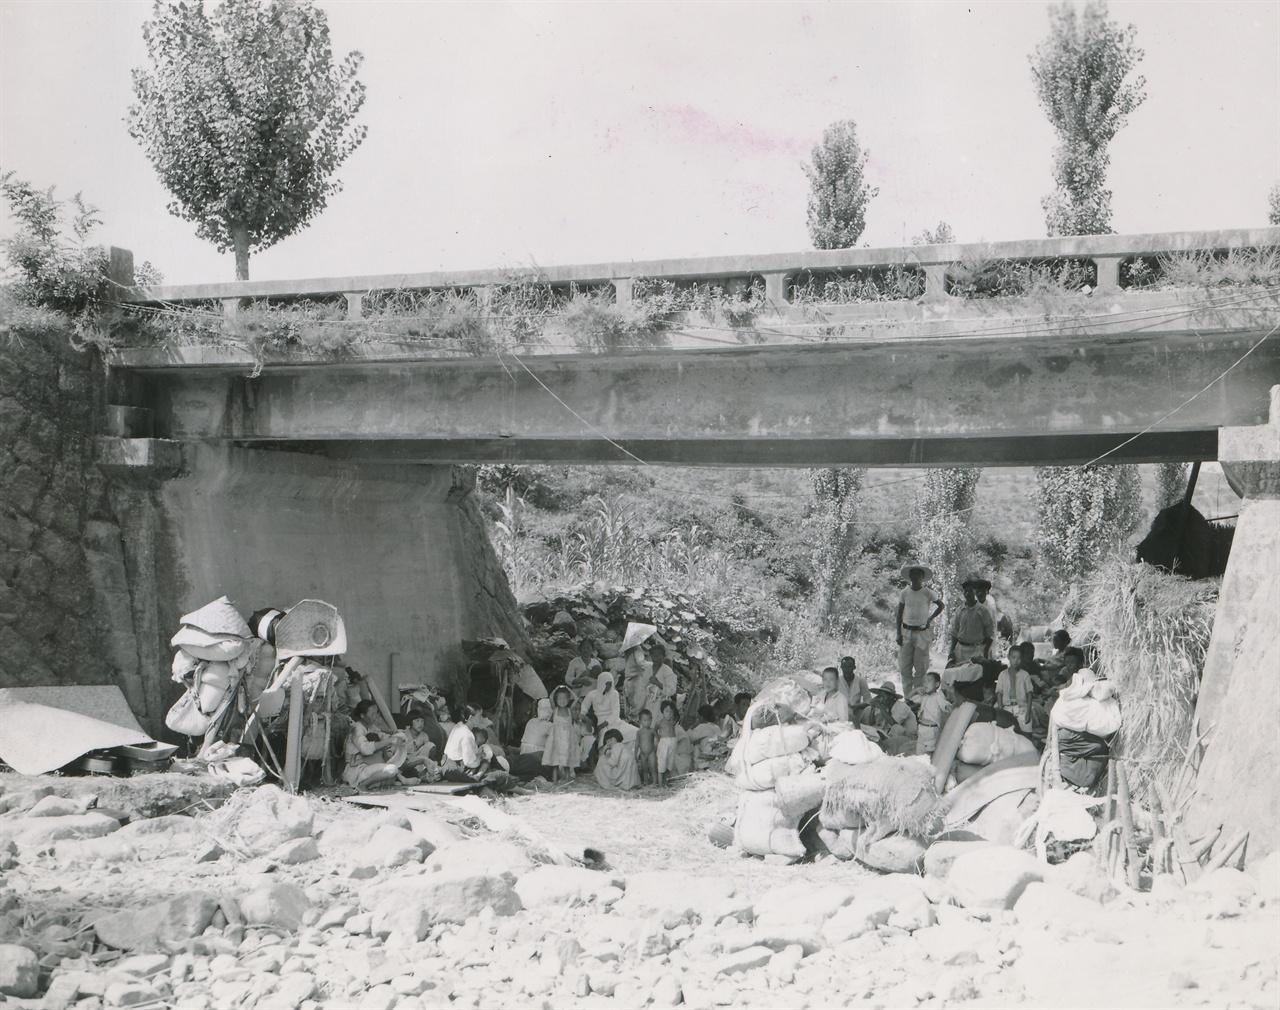 2. 전란 중 피란민들의 보금자리, 다리 아래 움집(1950. 8. 8.).